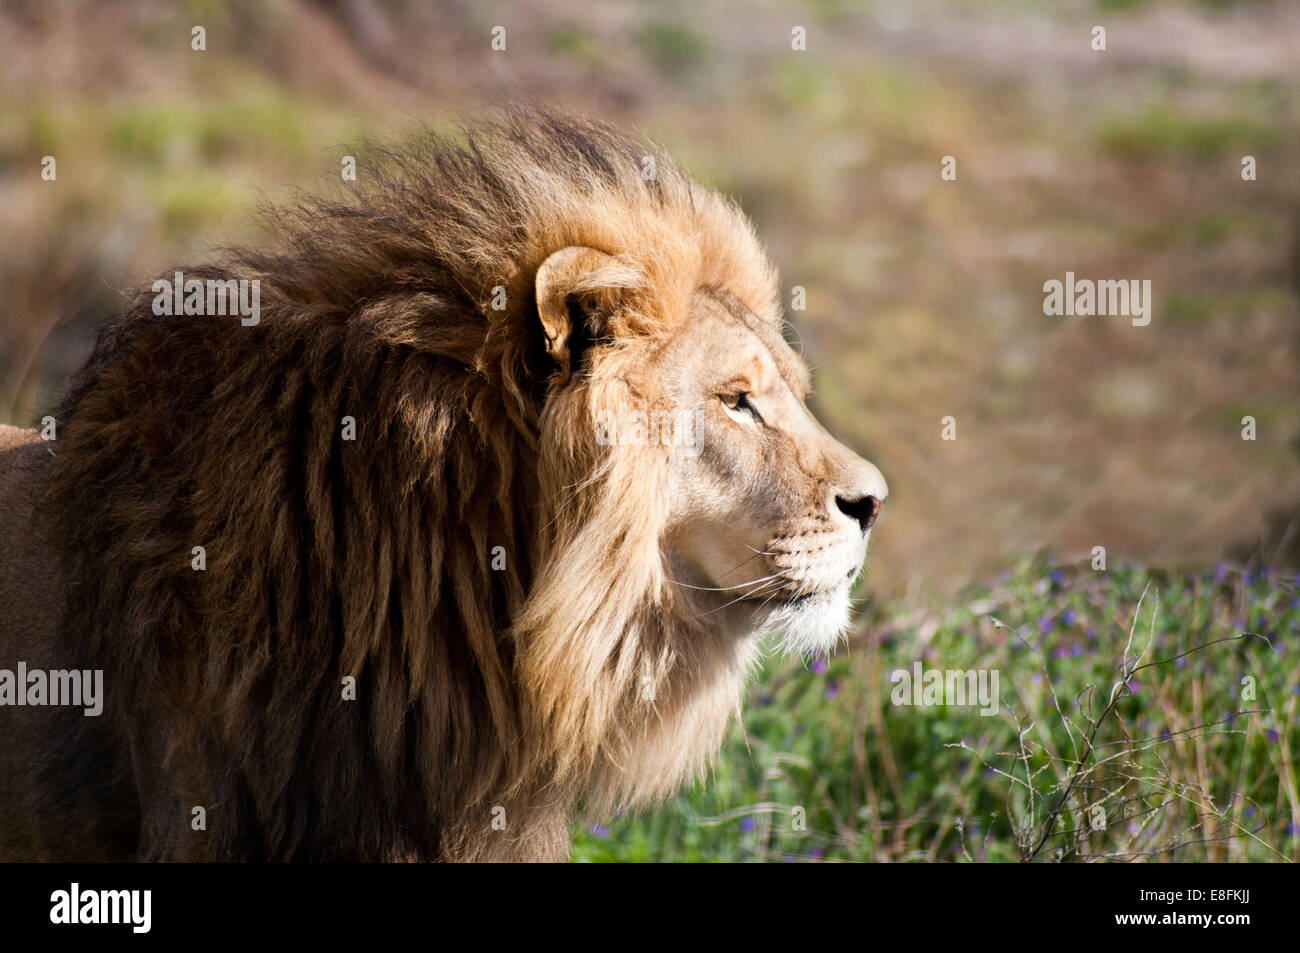 Ritratto di un leone, Limpopo, Sud Africa Immagini Stock